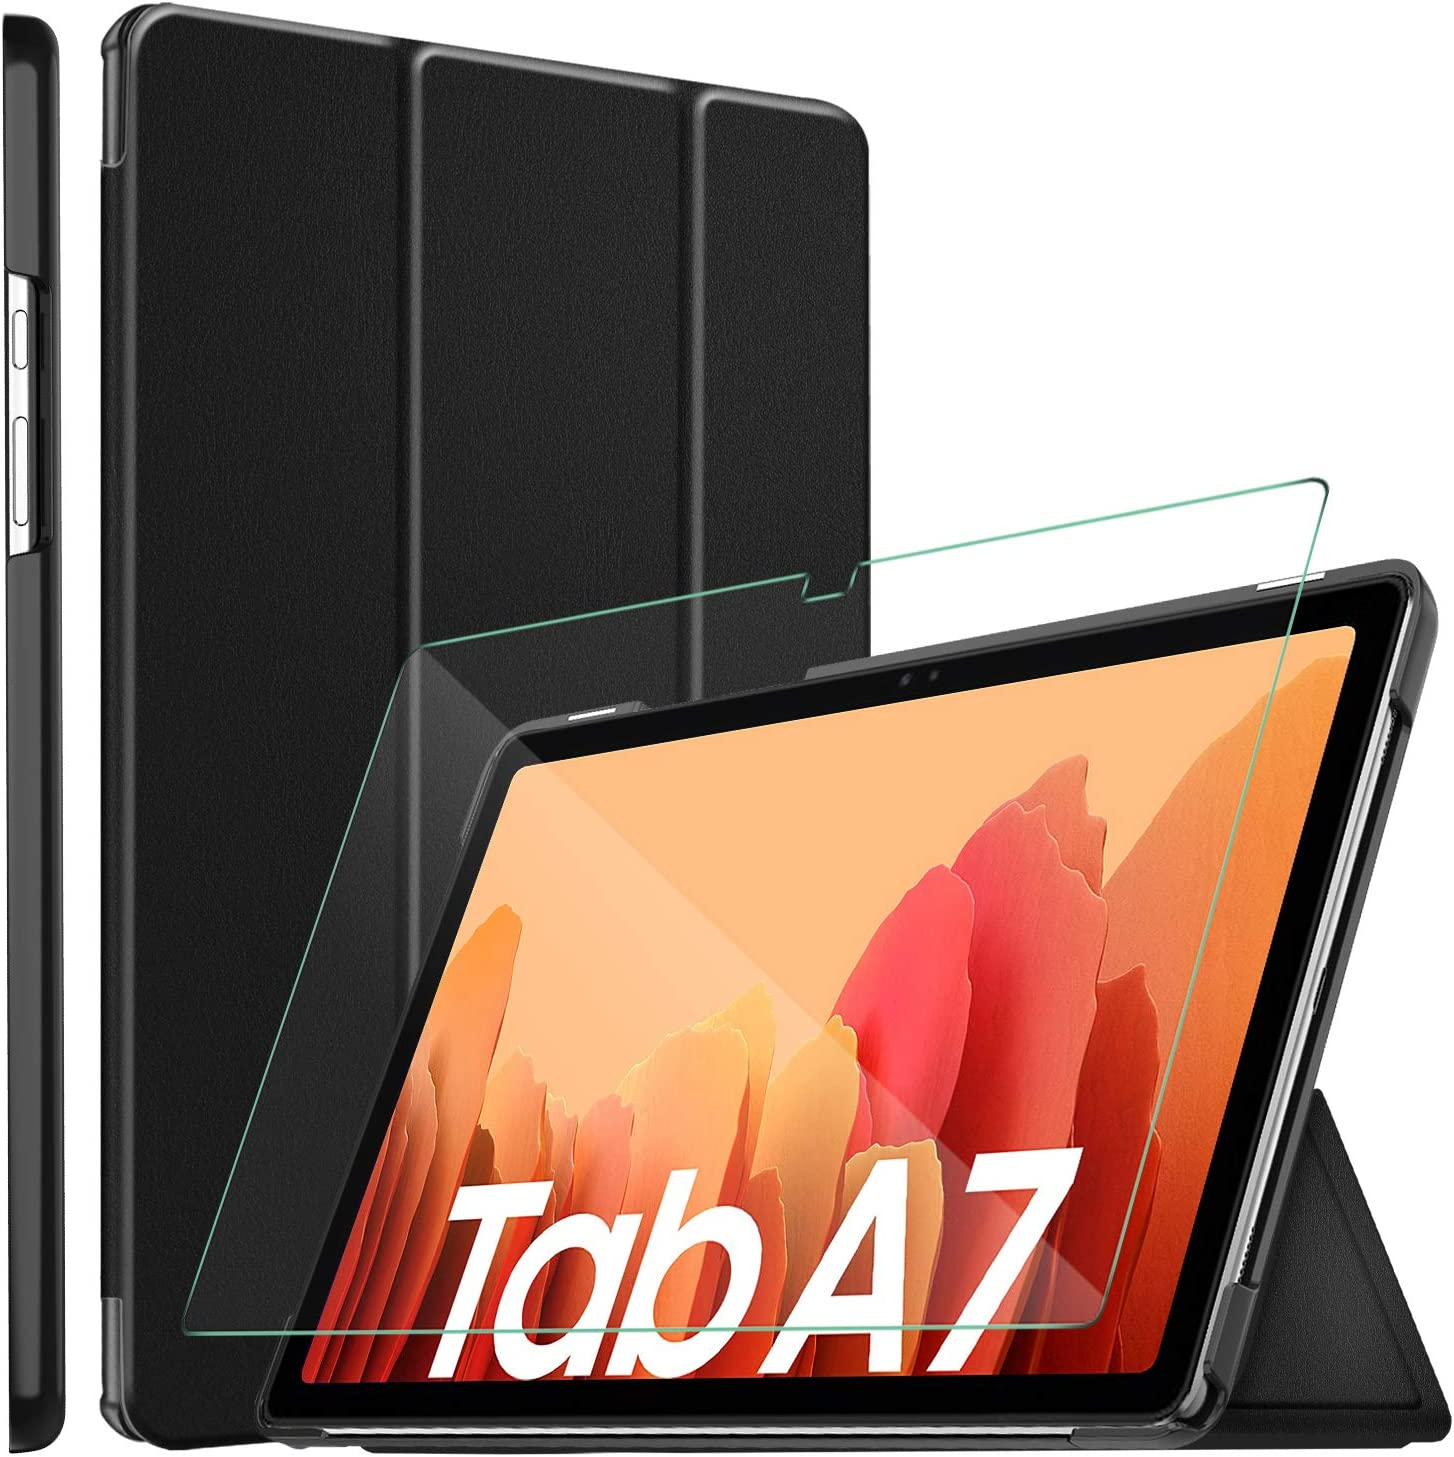 ELTD Funda + Película templada [combinación] para Samsung Galaxy Tab A7 10.4, Fundas Duras Case + Vidrio Templado Glass Film para Samsung Galaxy Tab A7 T505/T500/T507 10.4 2020